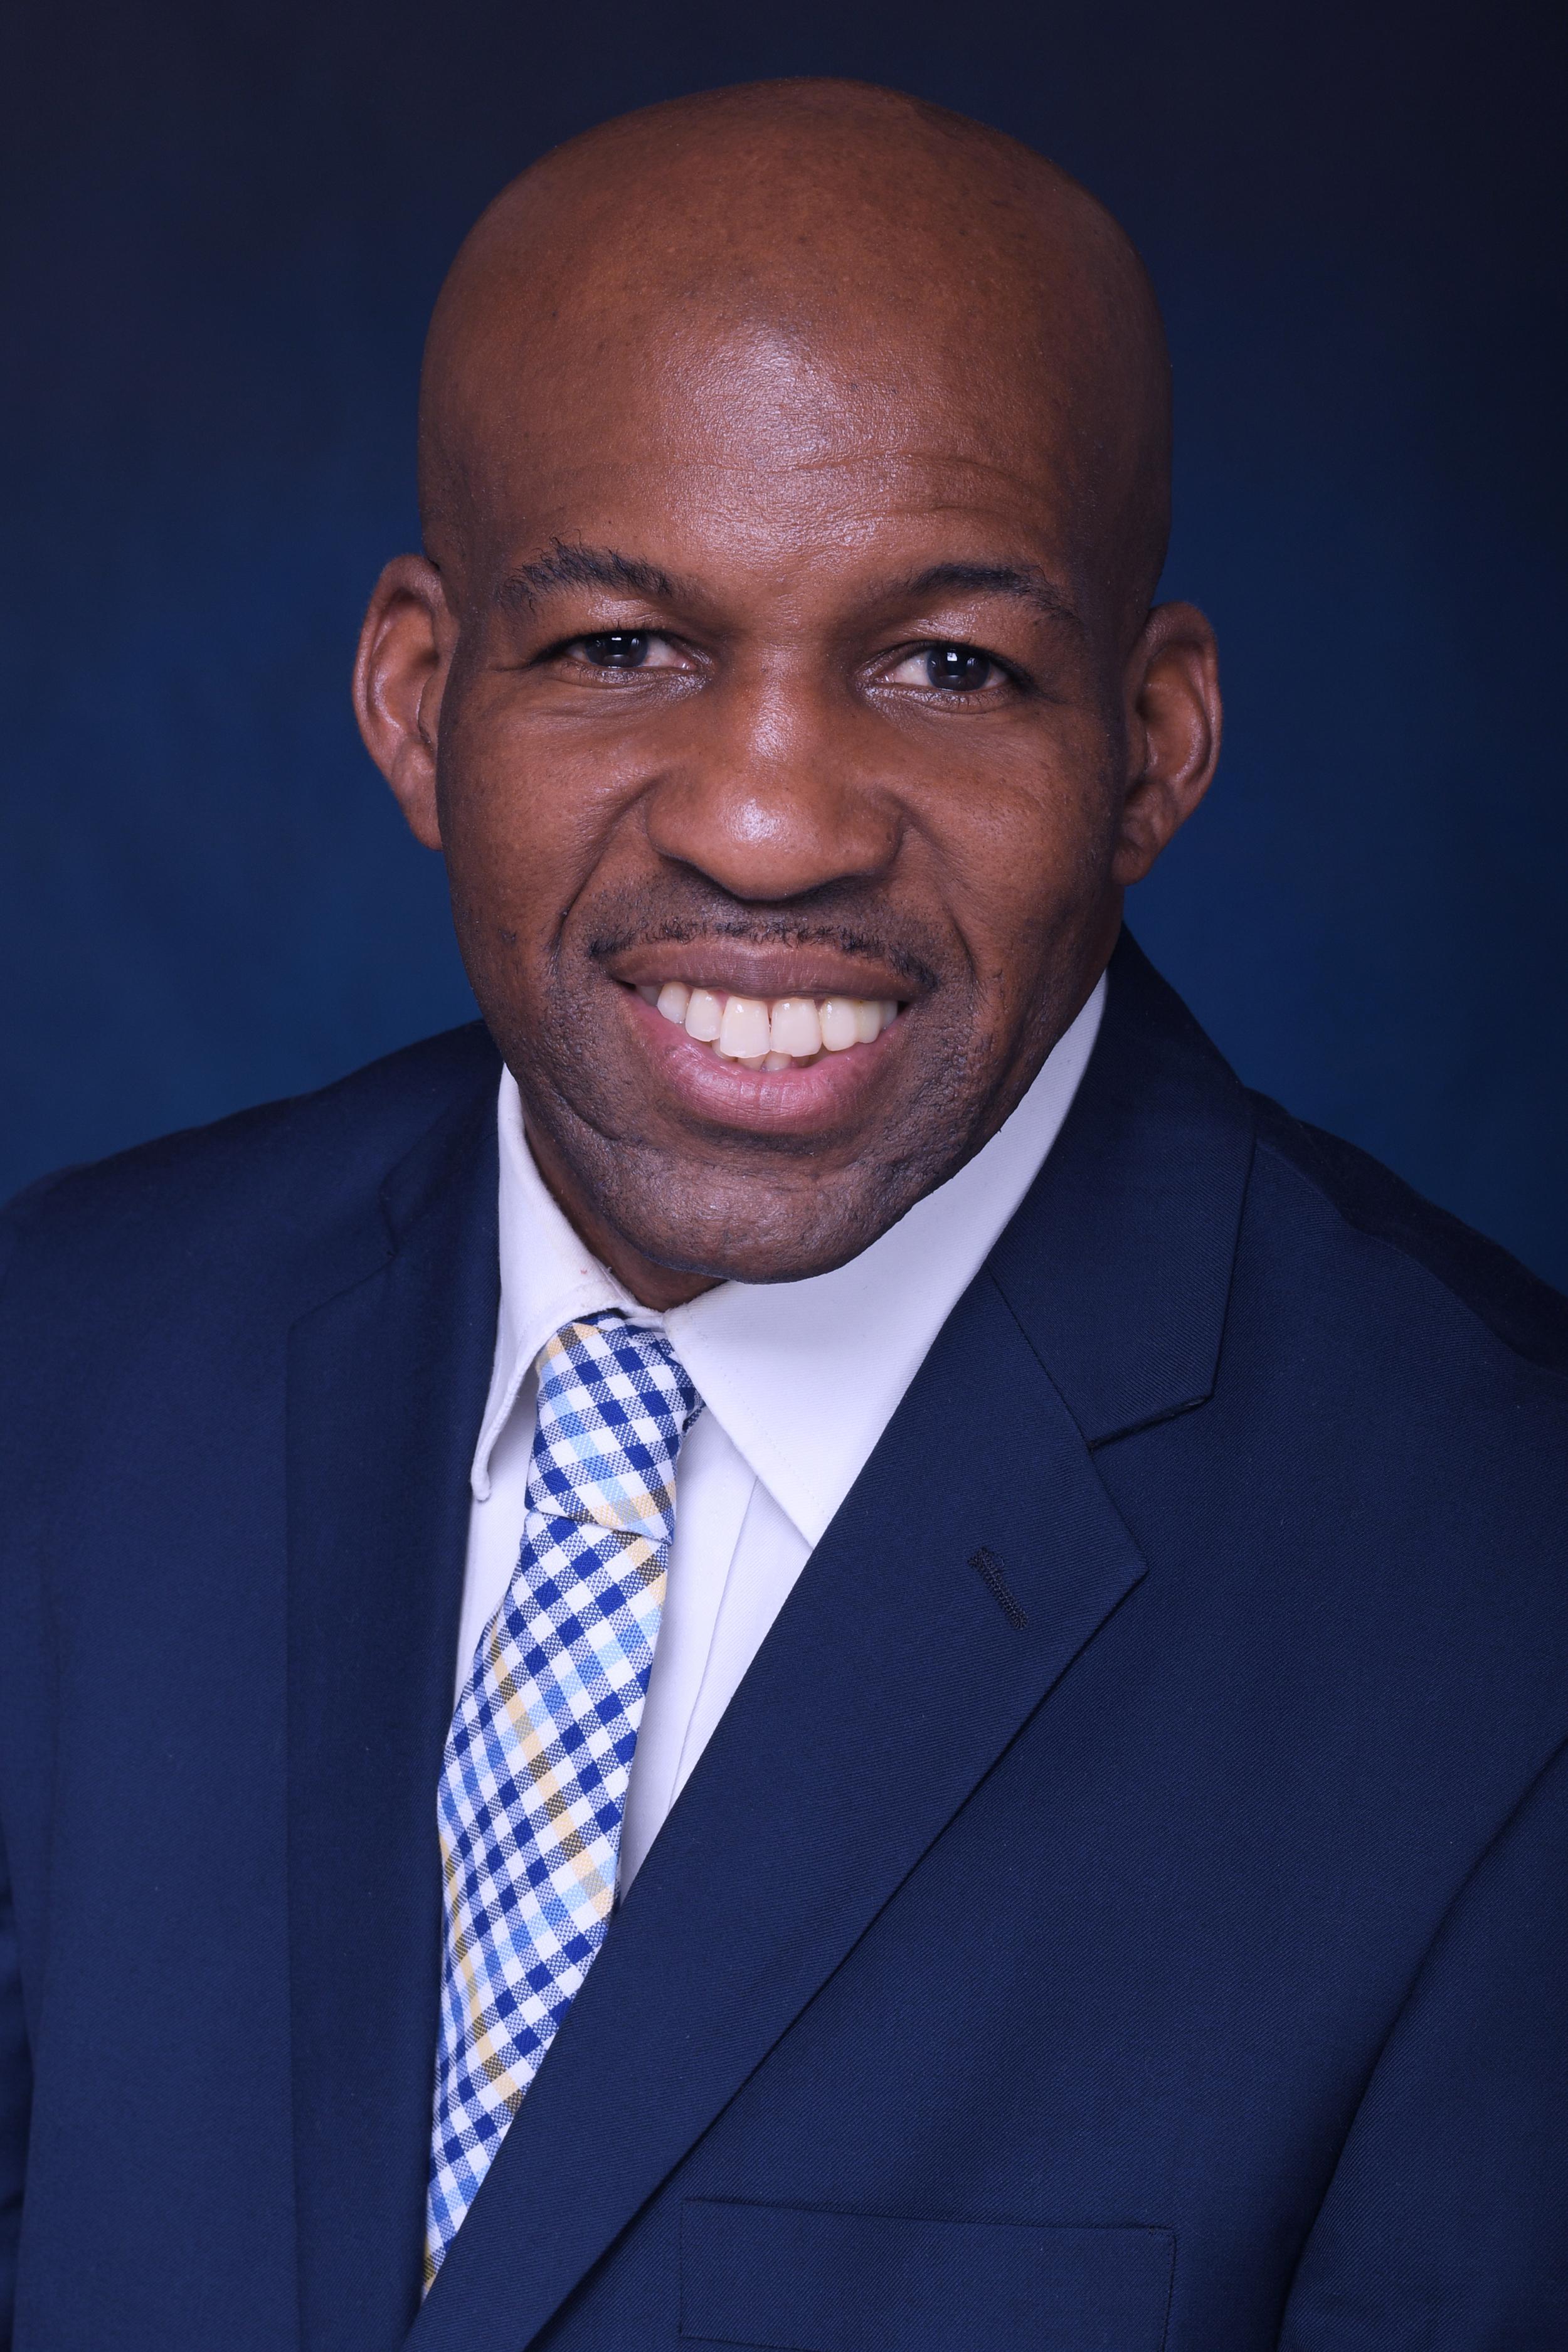 Councilman Carday Marshall, Sr. in monroe, la